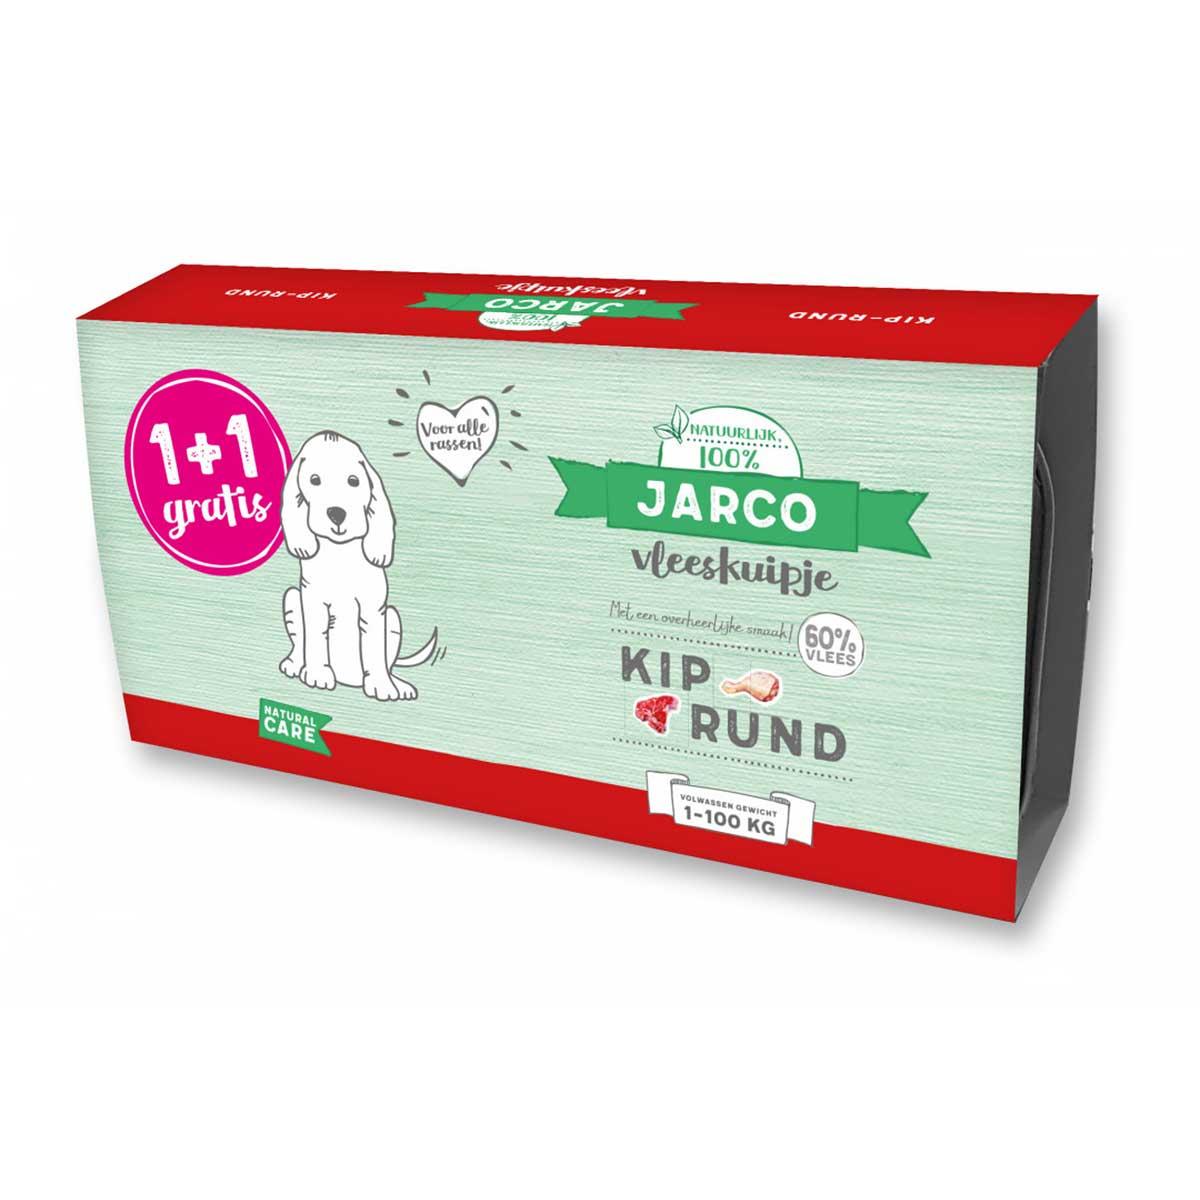 Jarco Dog Alu Kip-Rund